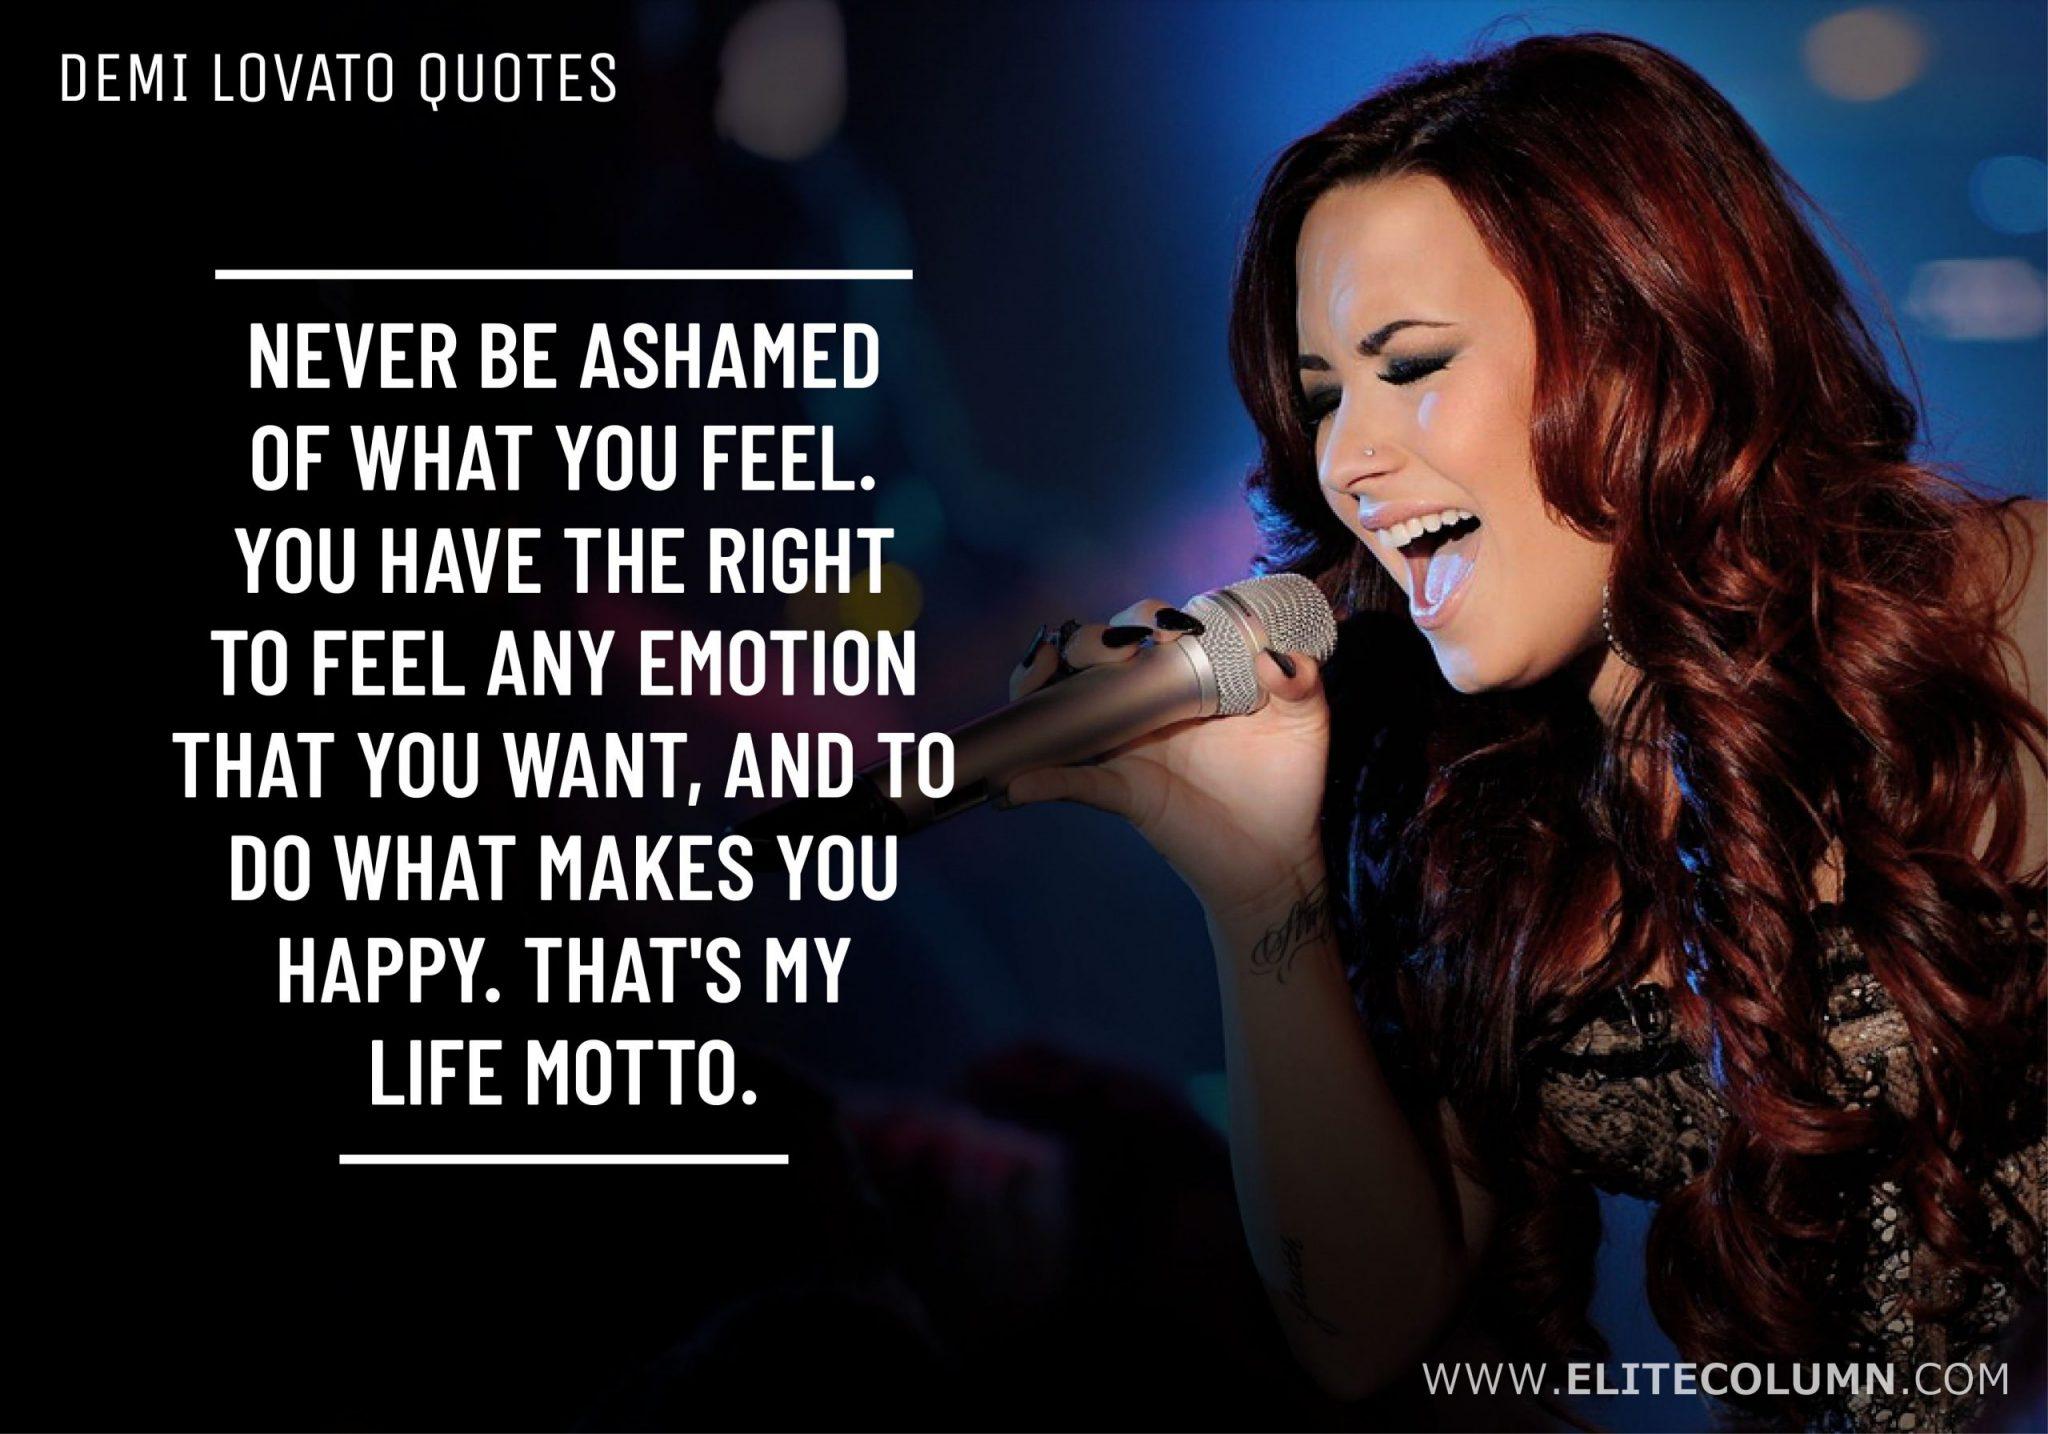 Demi Lovato Quotes (1)